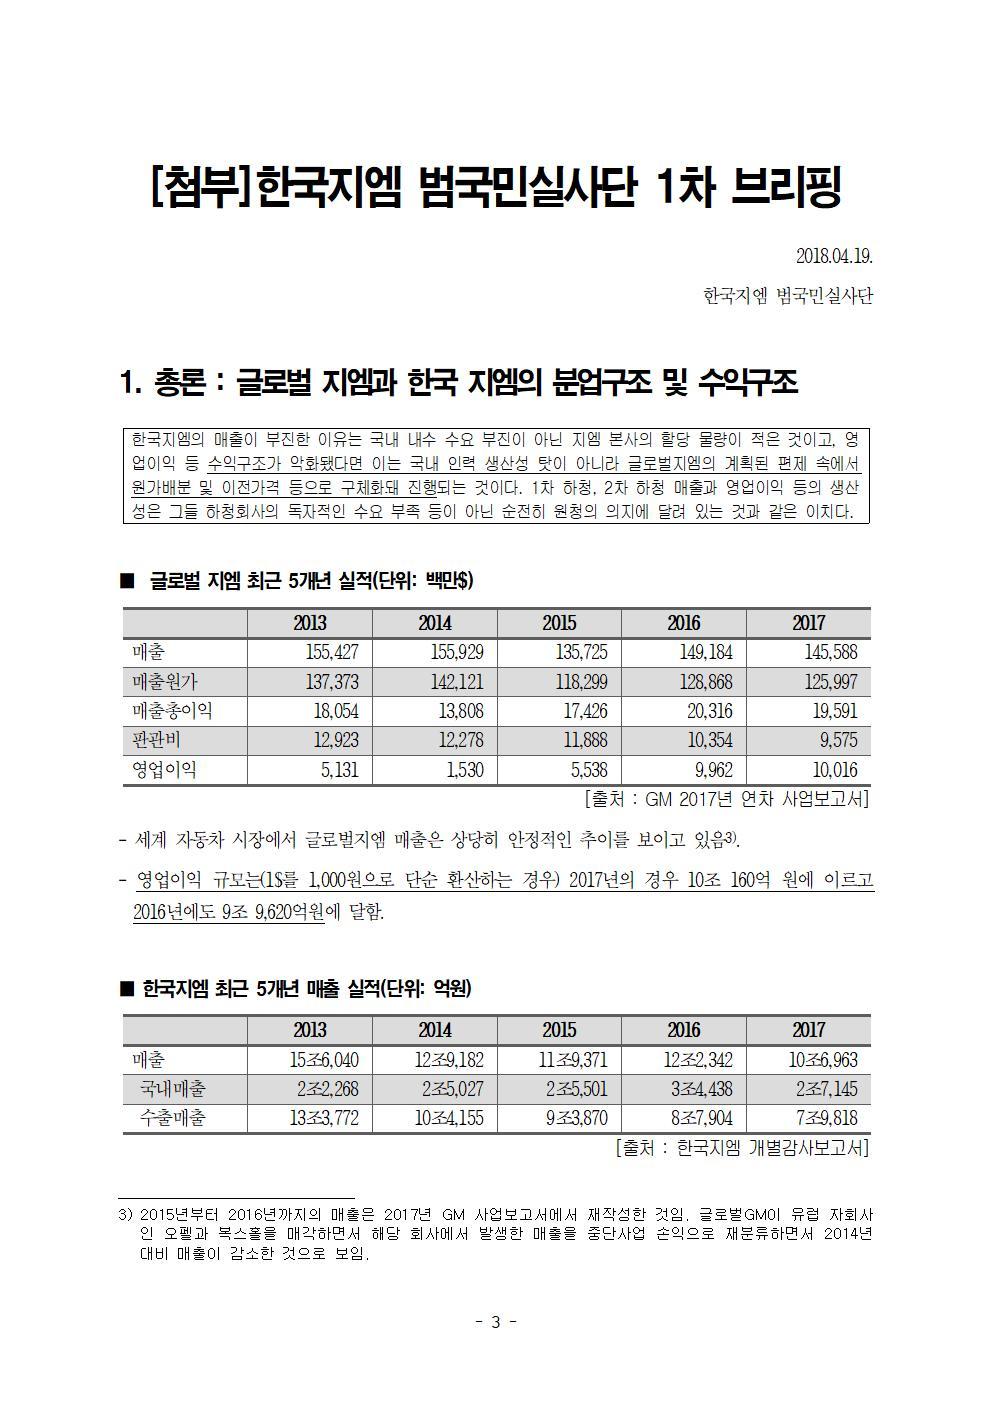 한국지엠범국민실사단003.jpg